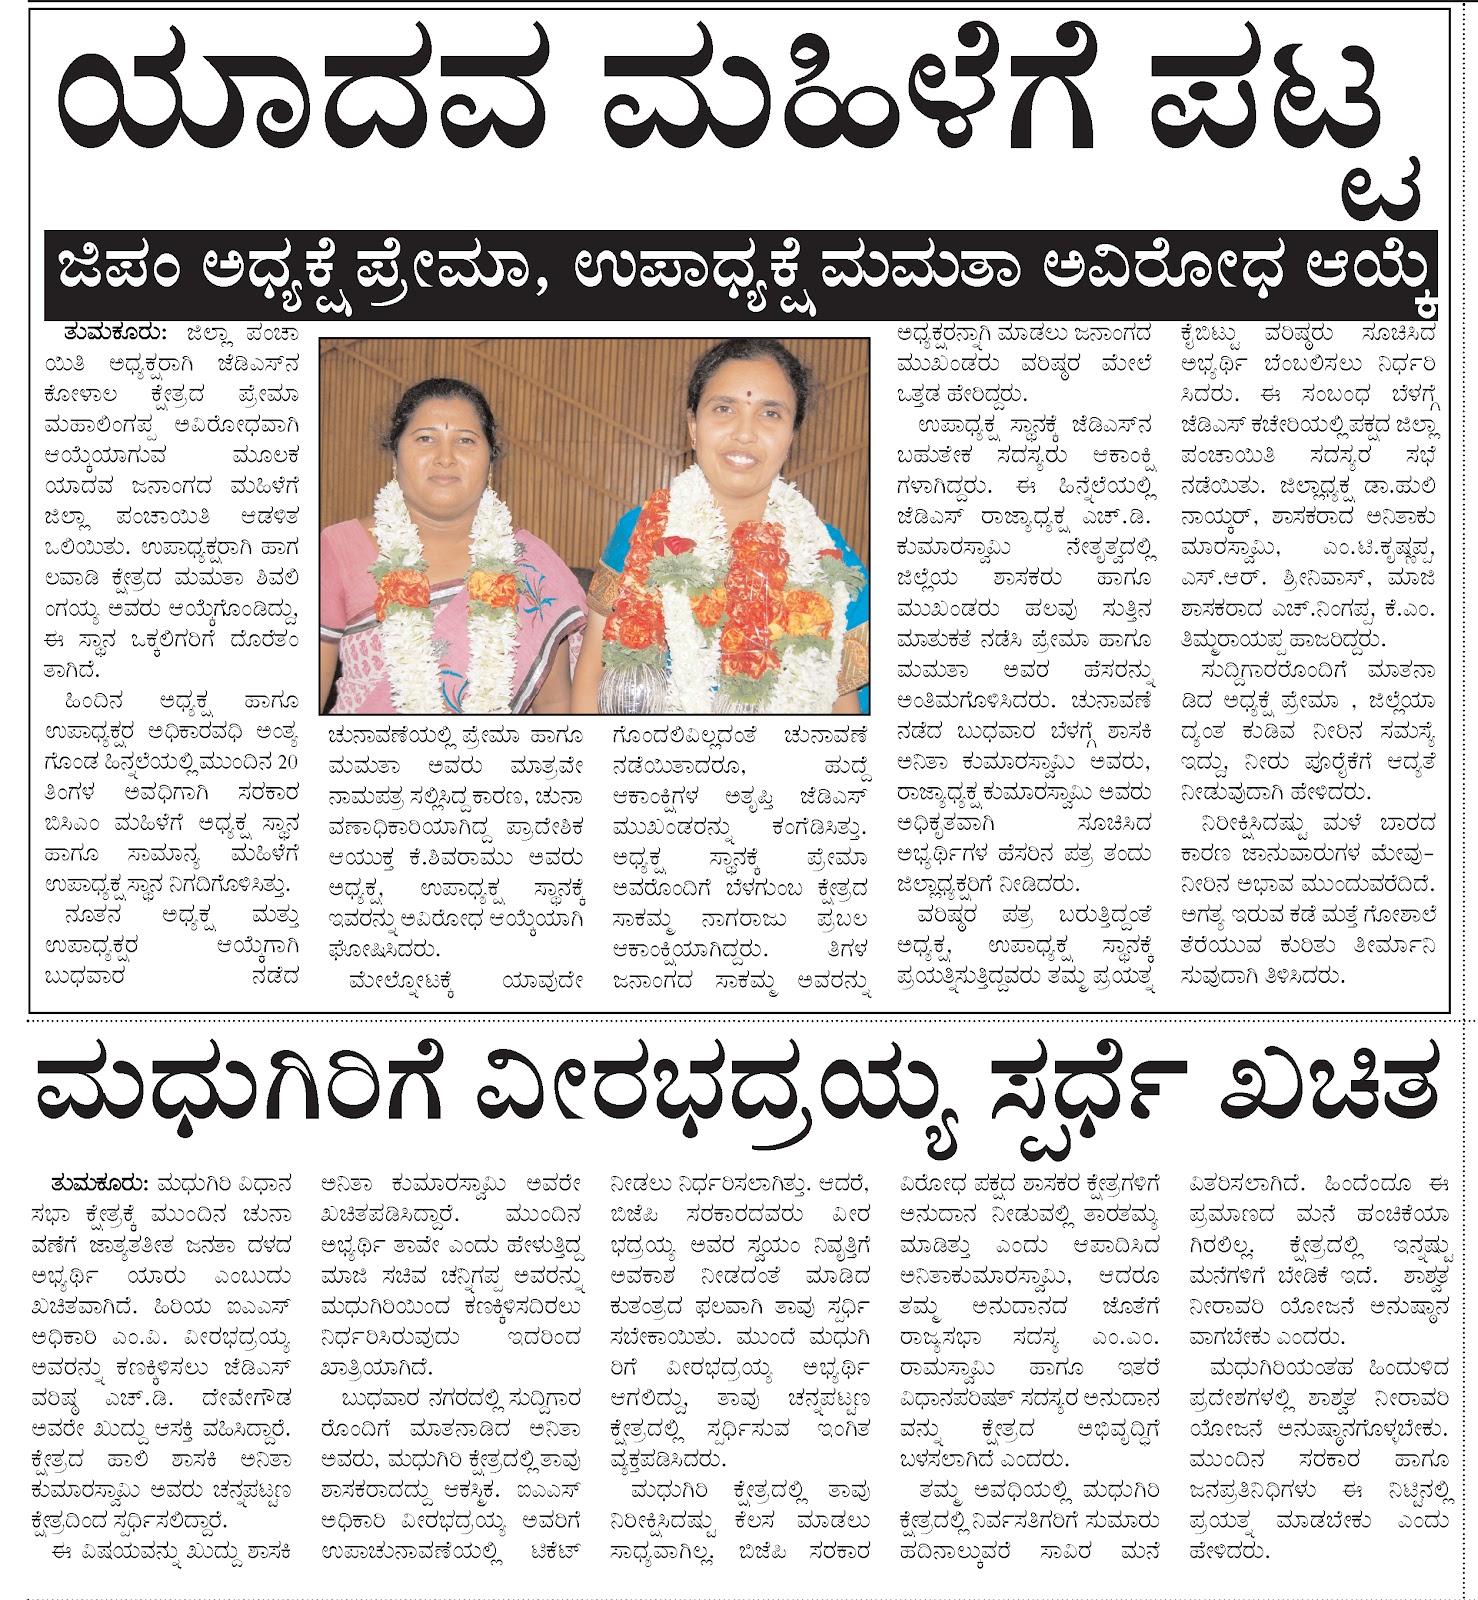 Displaying 20> Images For - Kannada Prema Kavana...